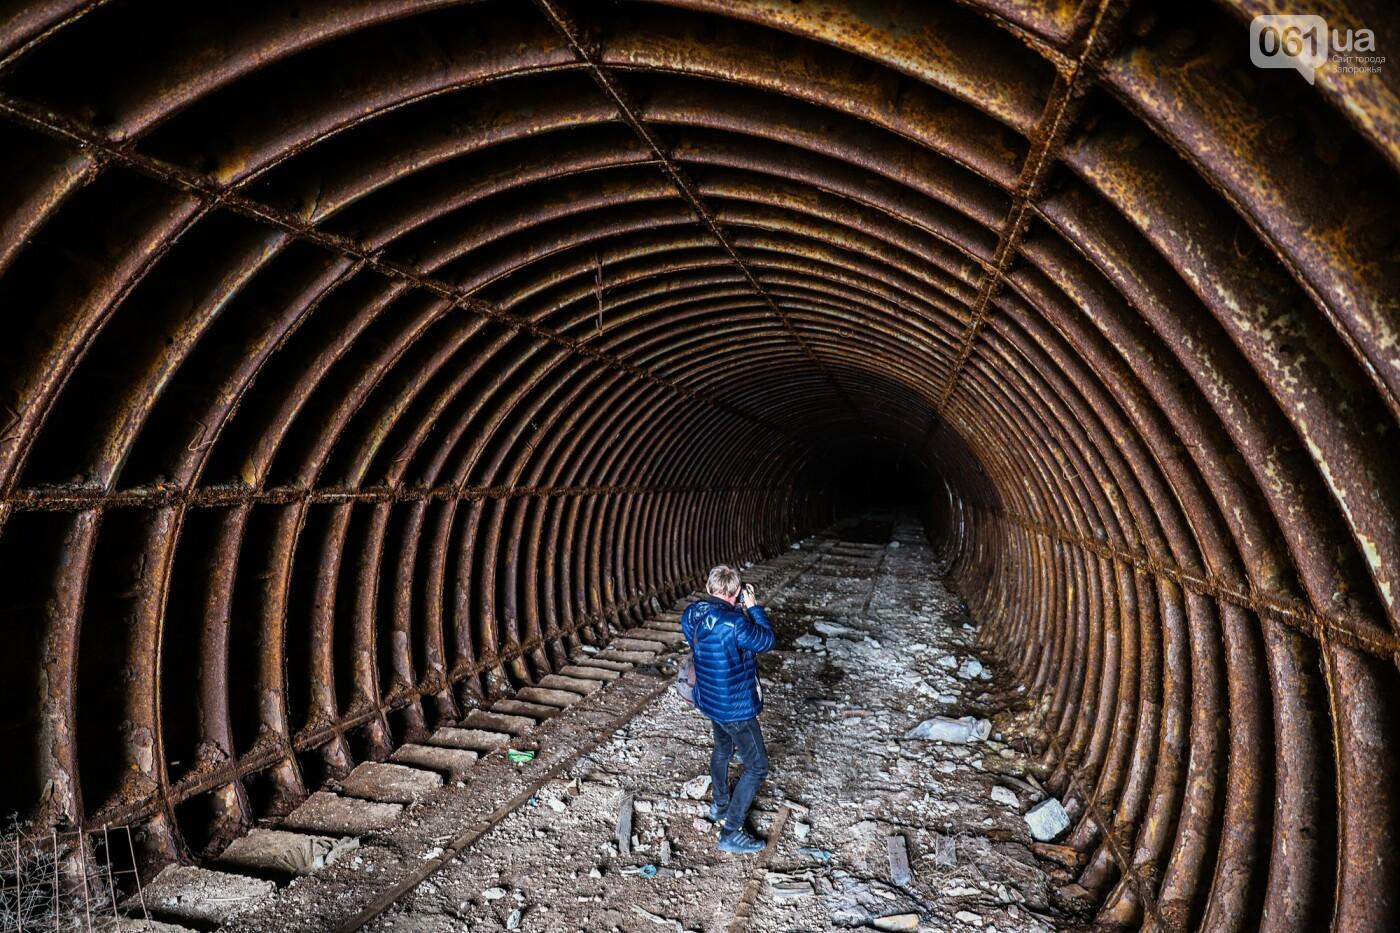 В Степногорске пытаются разобрать на металлолом шахту - промплощадка ГОКа превратилась в руины, - ФОТОРЕПОРТАЖ , фото-5